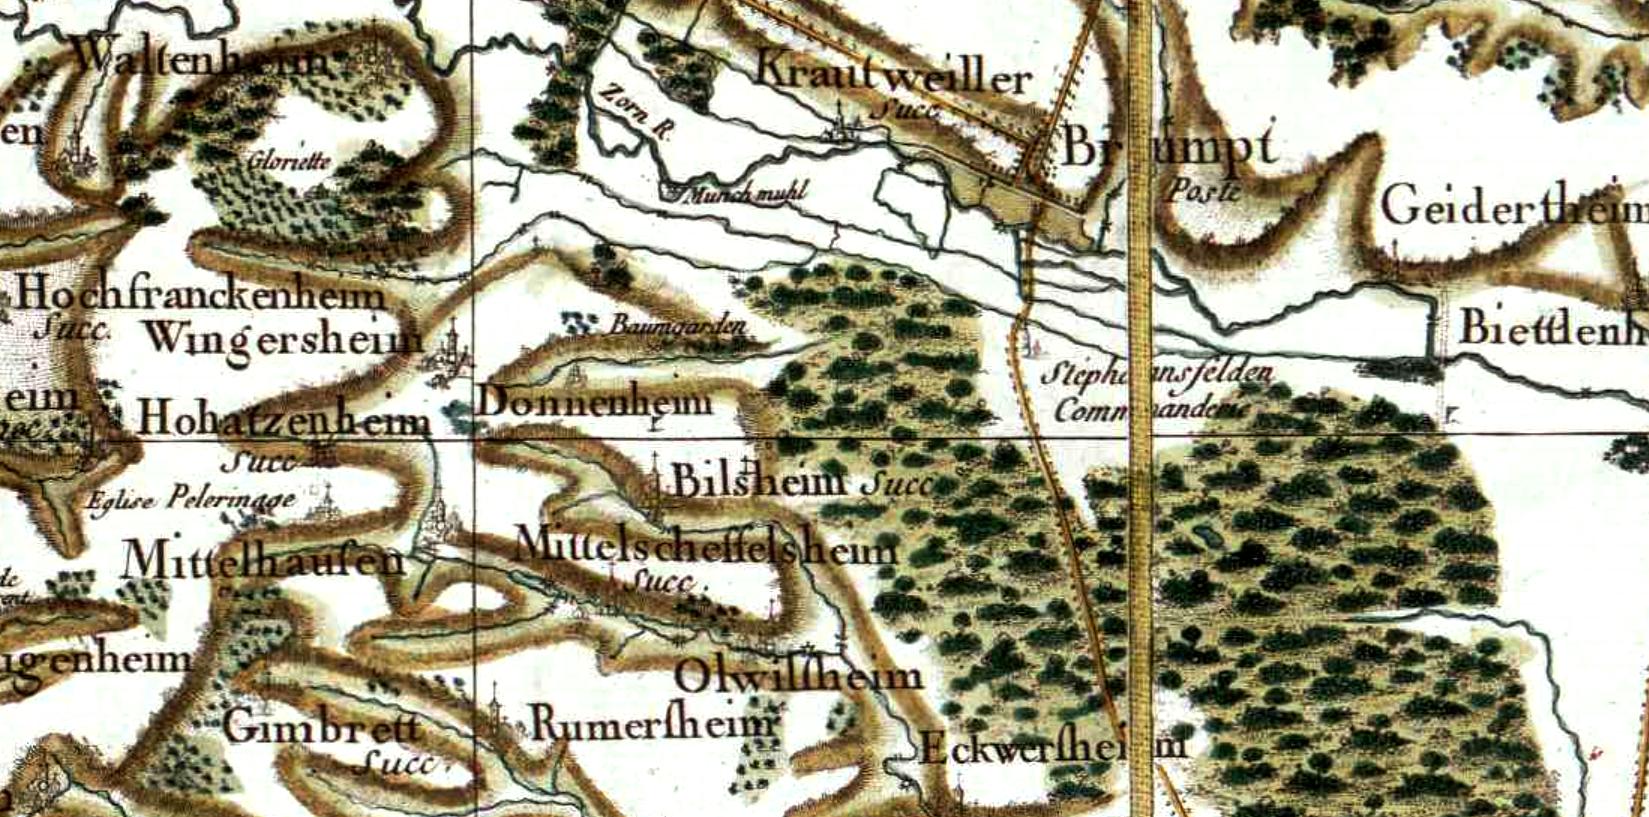 Bilwisheim 67 cassini